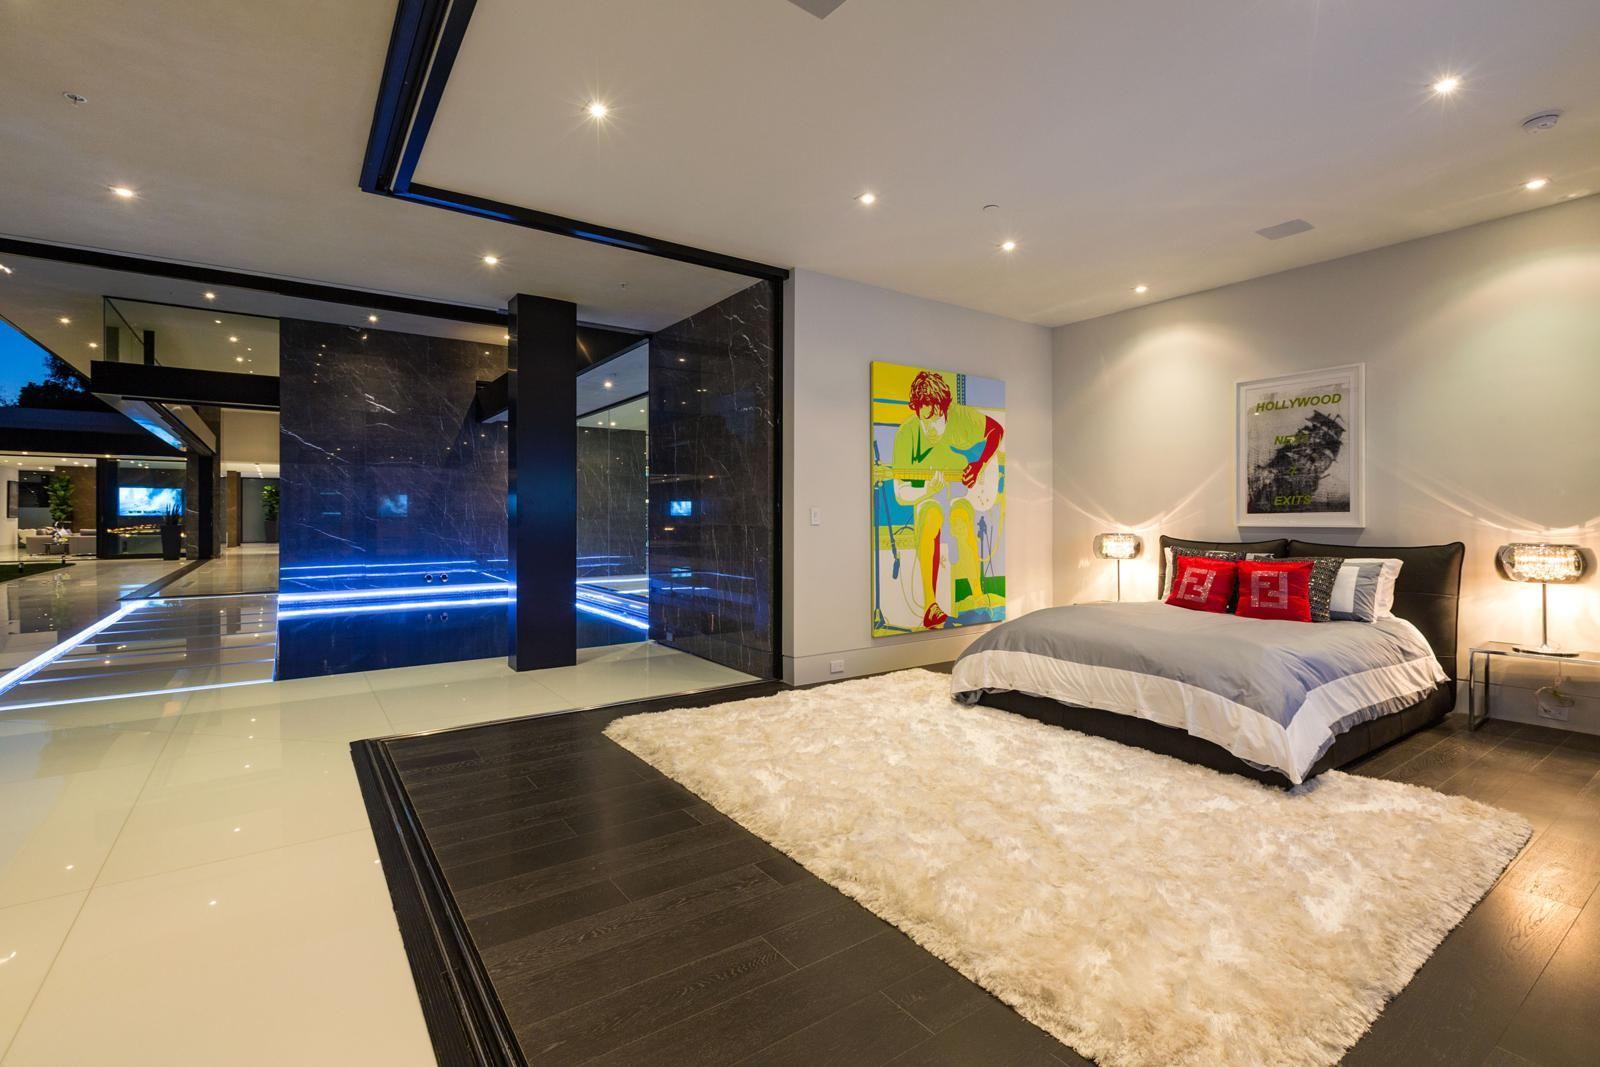 864 stradella bel air bullshit luxury homes los - 2 bedroom houses for sale in los angeles ca ...